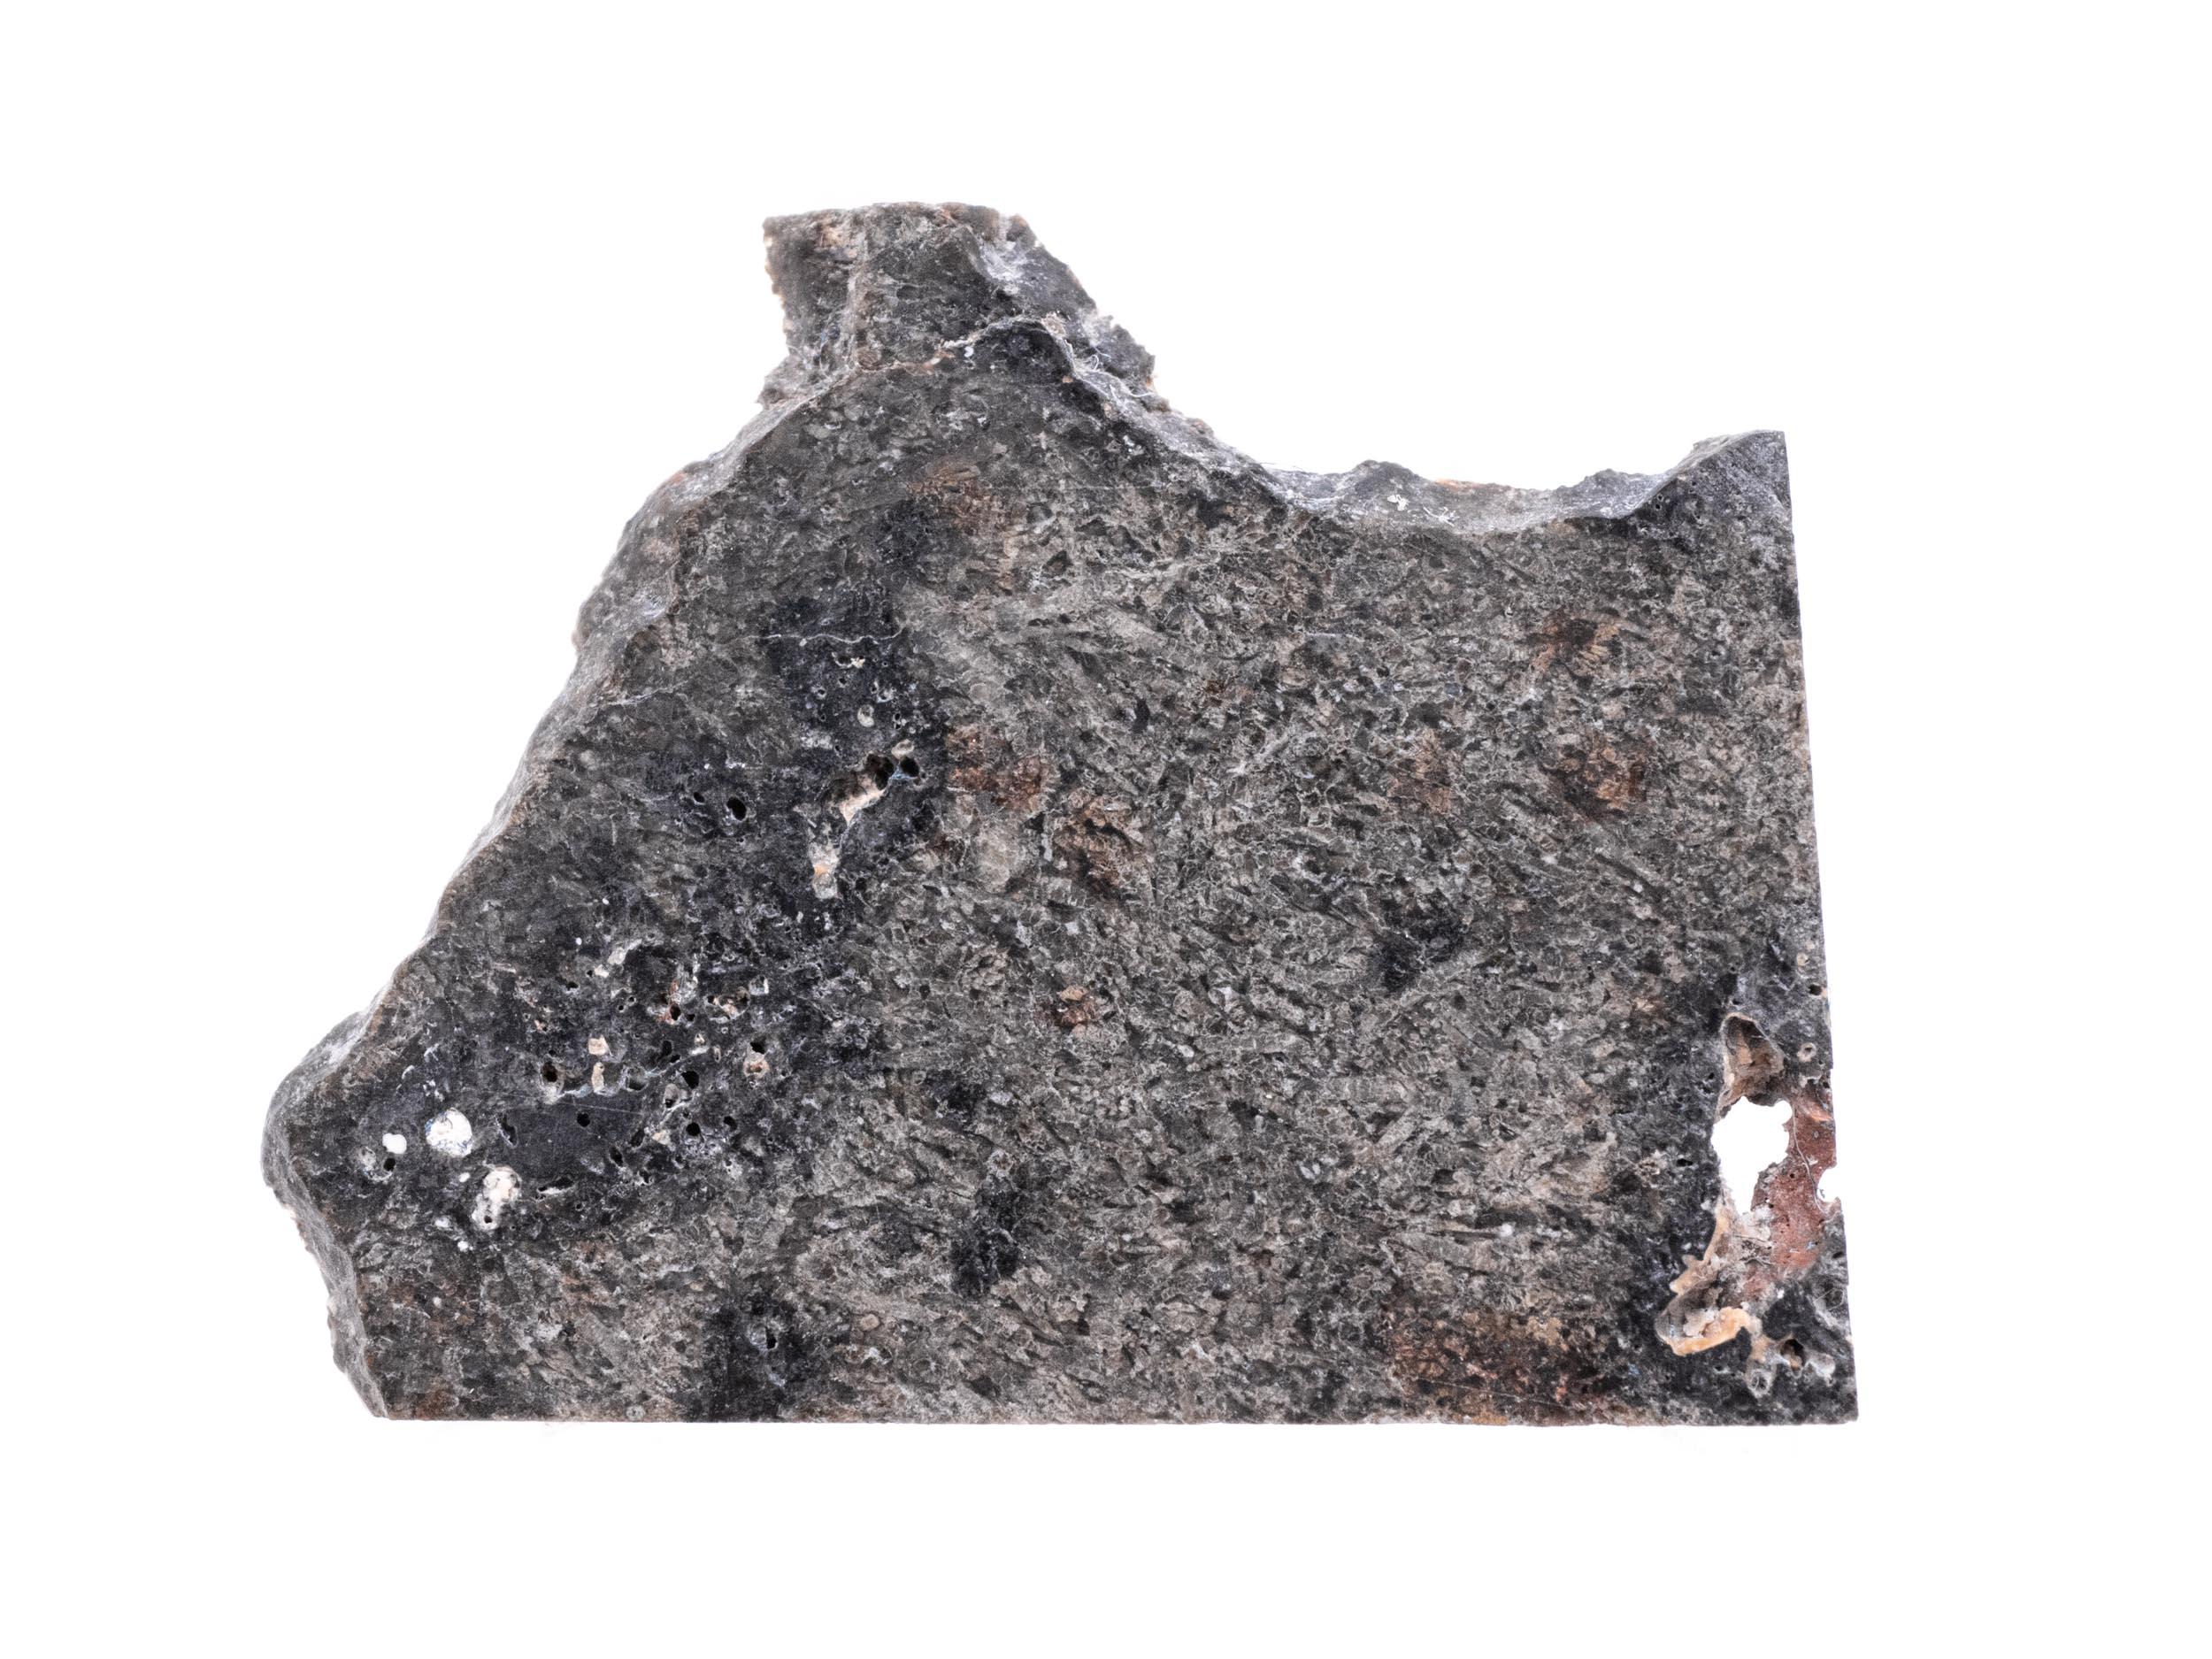 mars meteorite 1 3 g